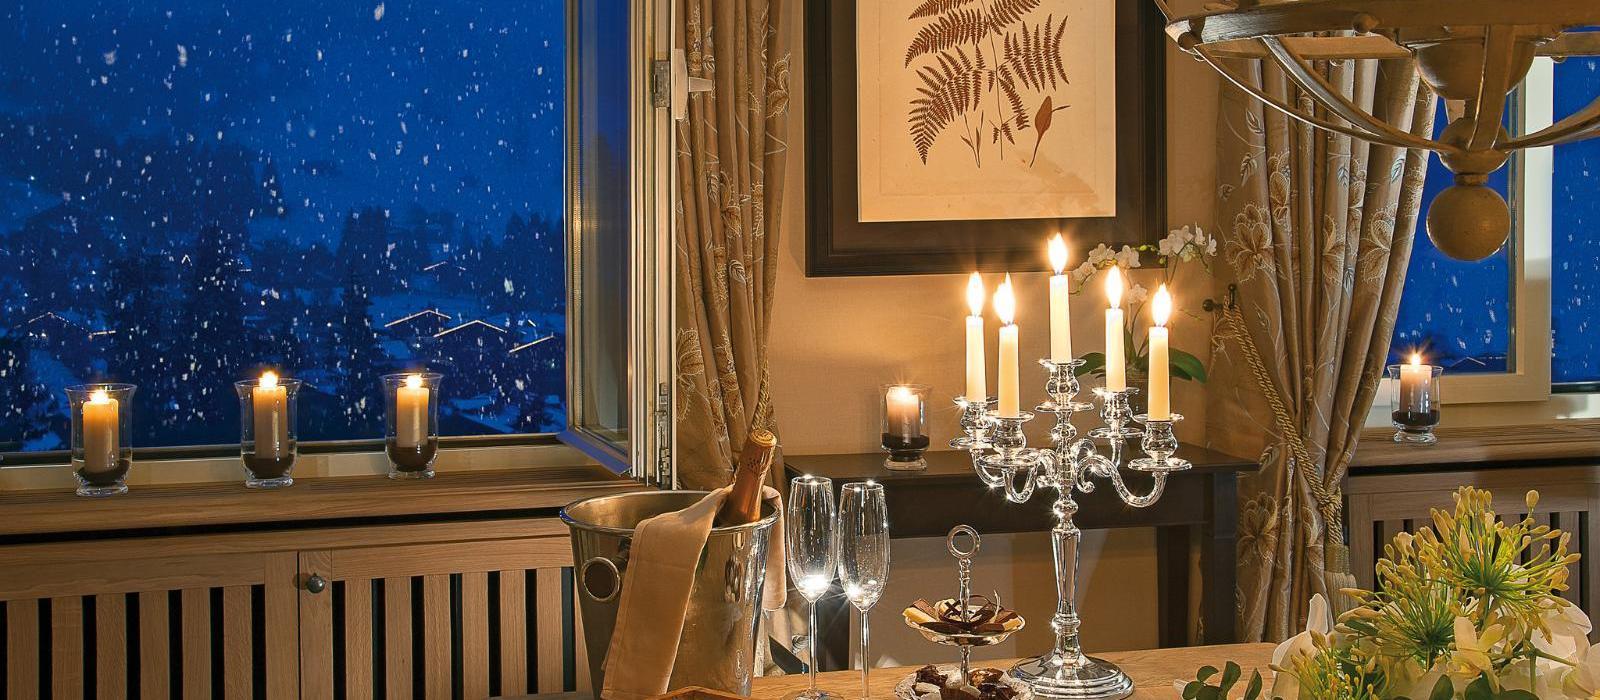 格施塔德皇宫酒店(Gstaad Palace) 图片  www.lhw.cn